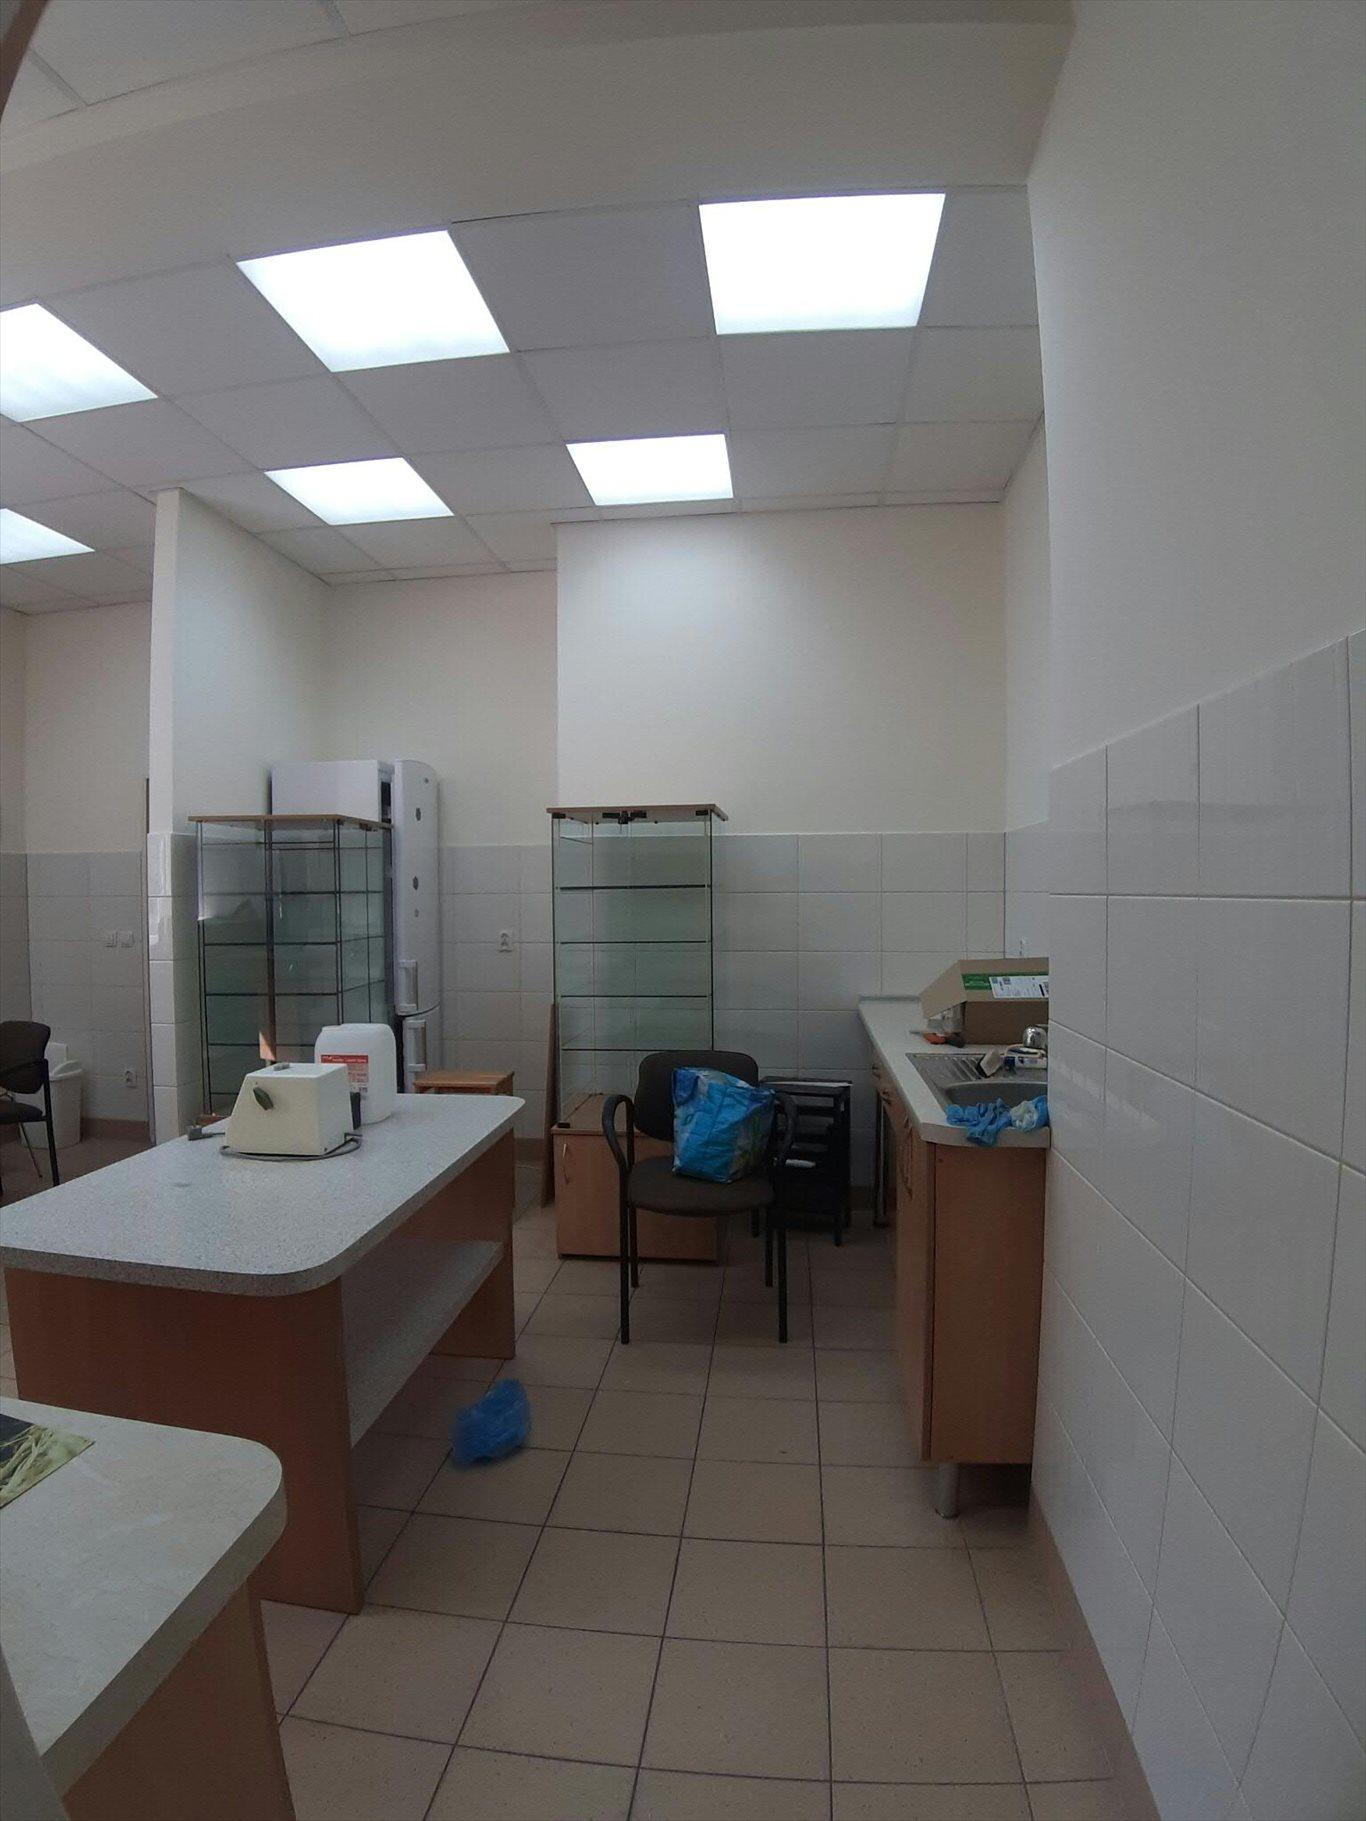 Lokal użytkowy na sprzedaż Prószków  64m2 Foto 2